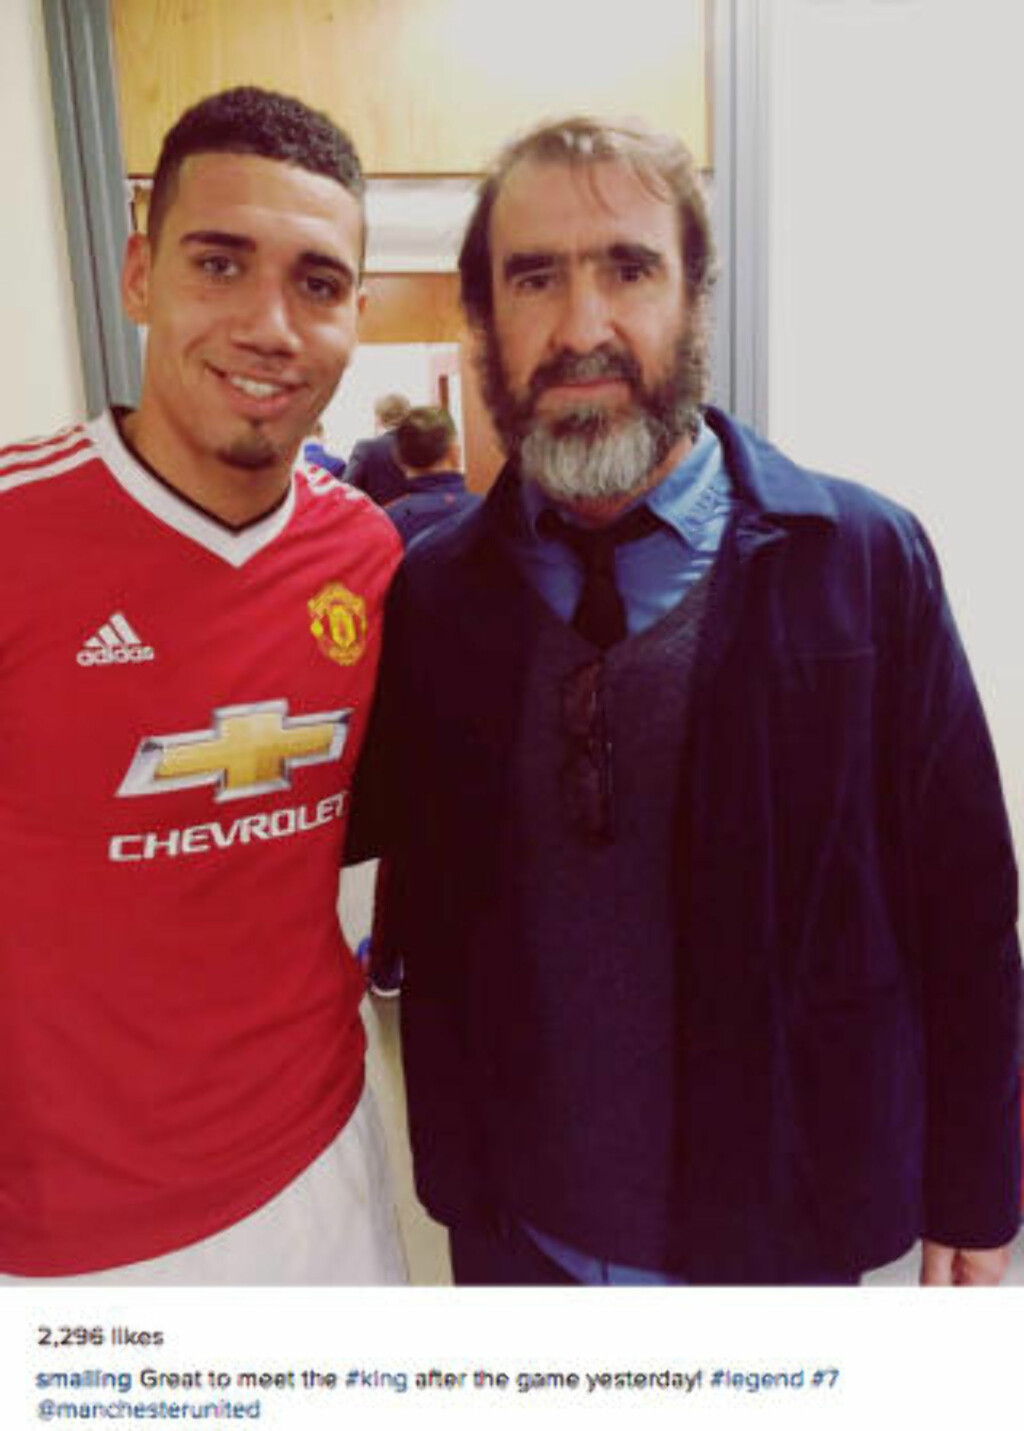 SKEPTISK: Eric Cantona. Her sammen med Chris Smalling. Foto: XPOSUREPHOTOS.COM